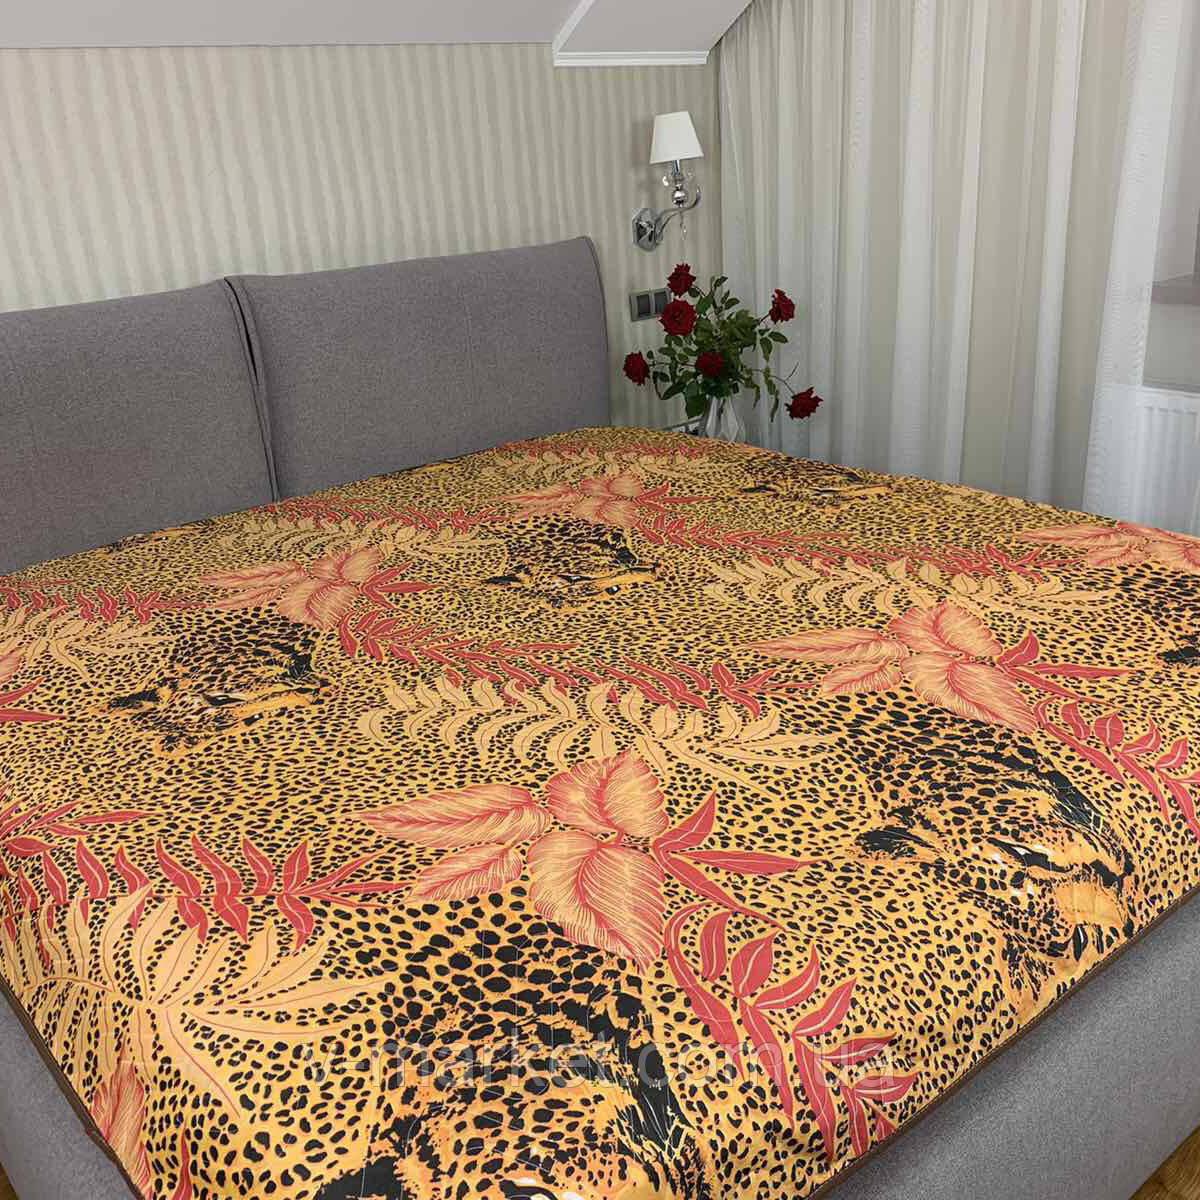 """Летнее одеяло покрывало """"Леопард"""" двуспальное окантованное, 175/210"""